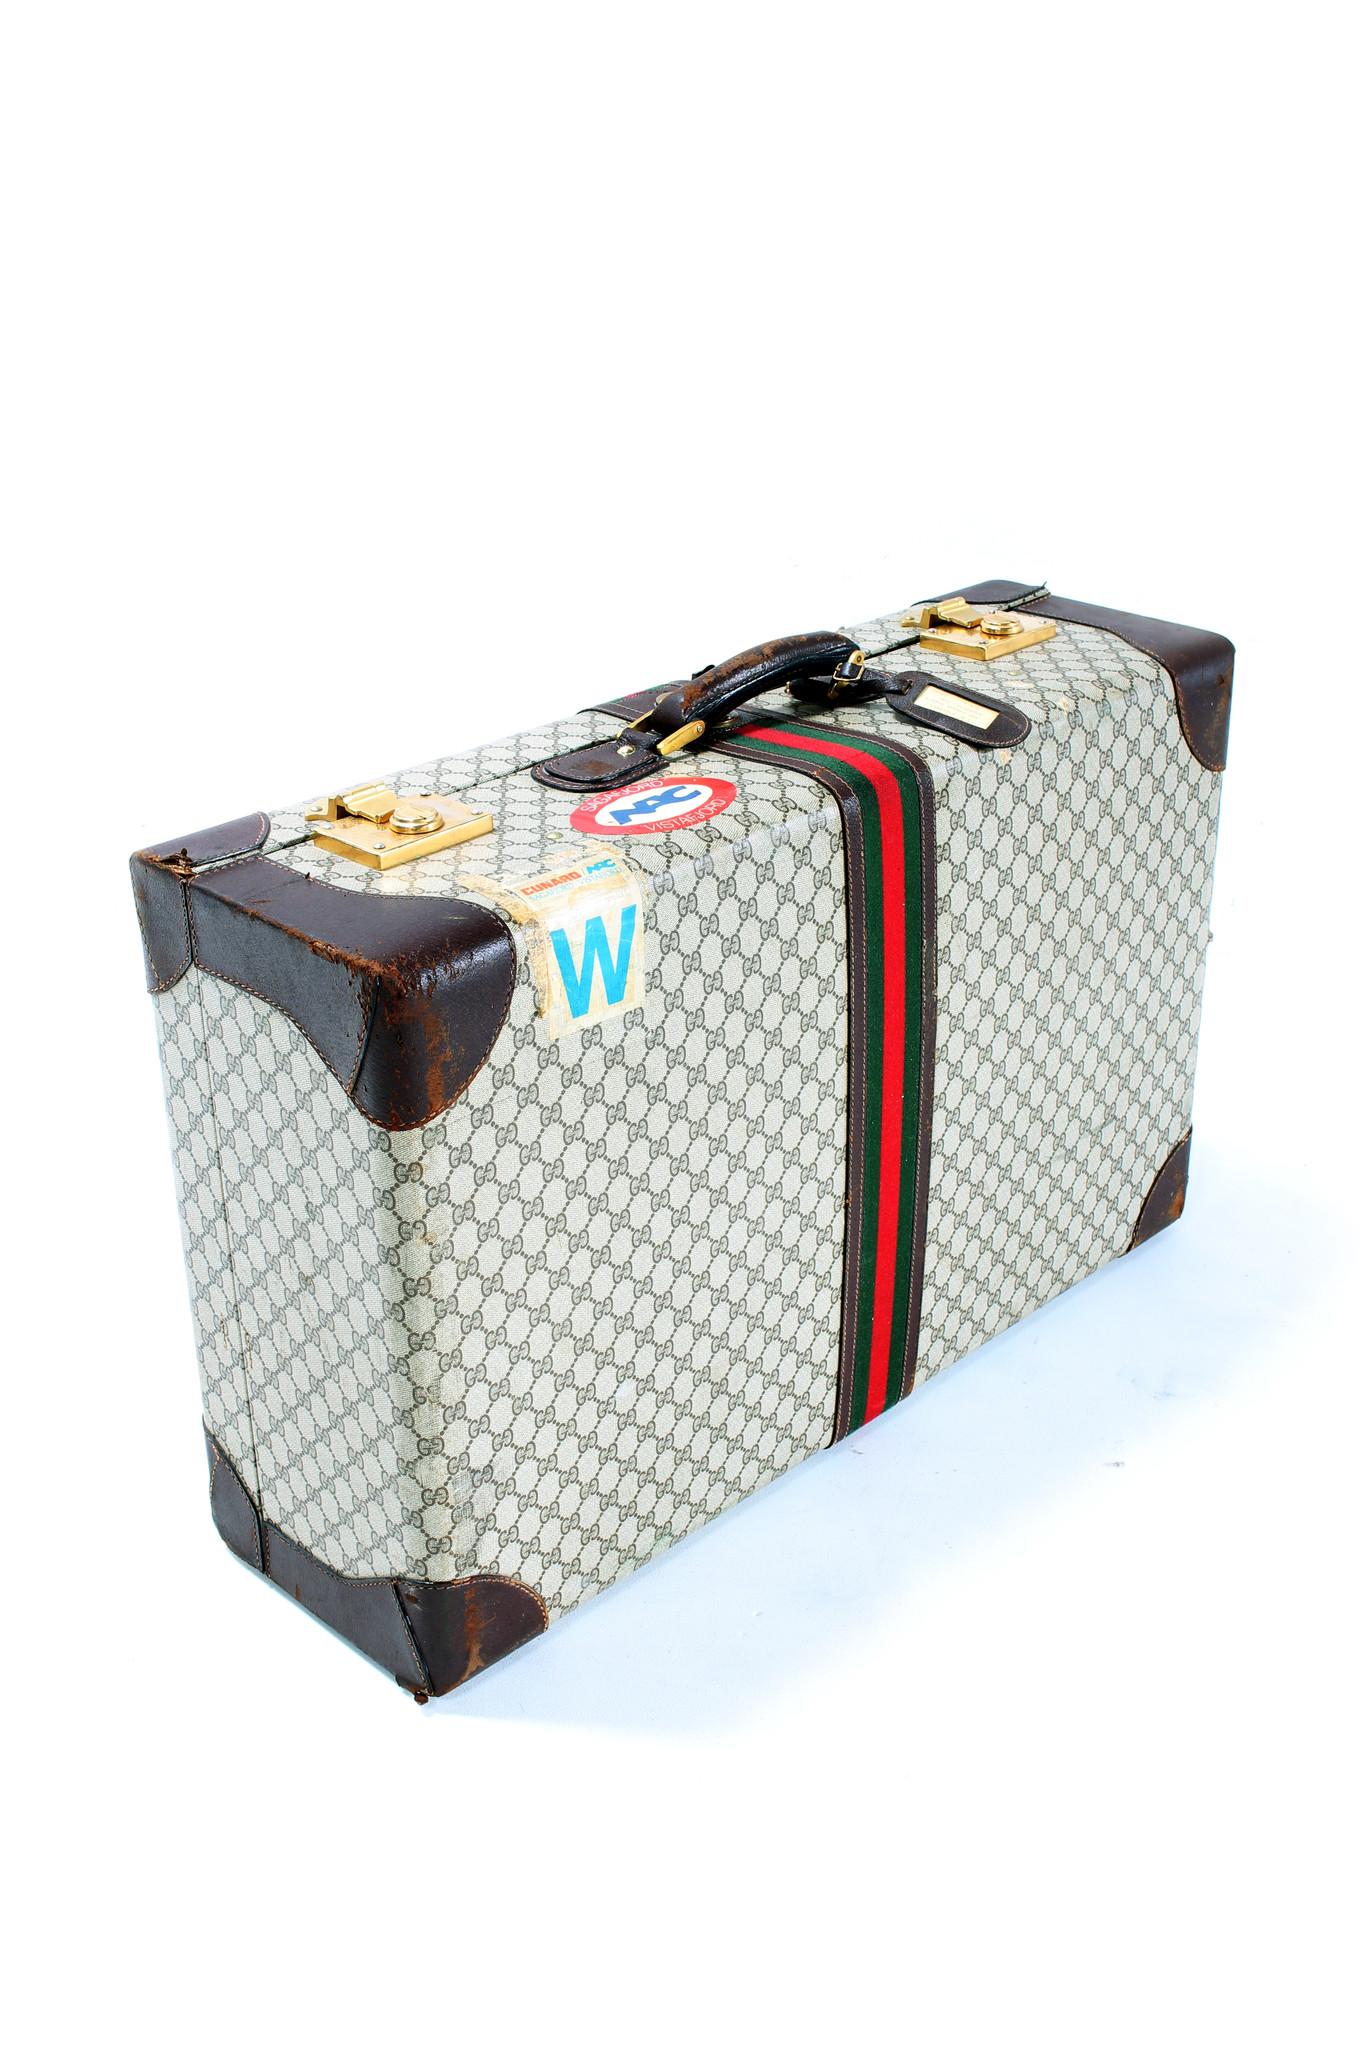 Gucci reiskoffer, 1980